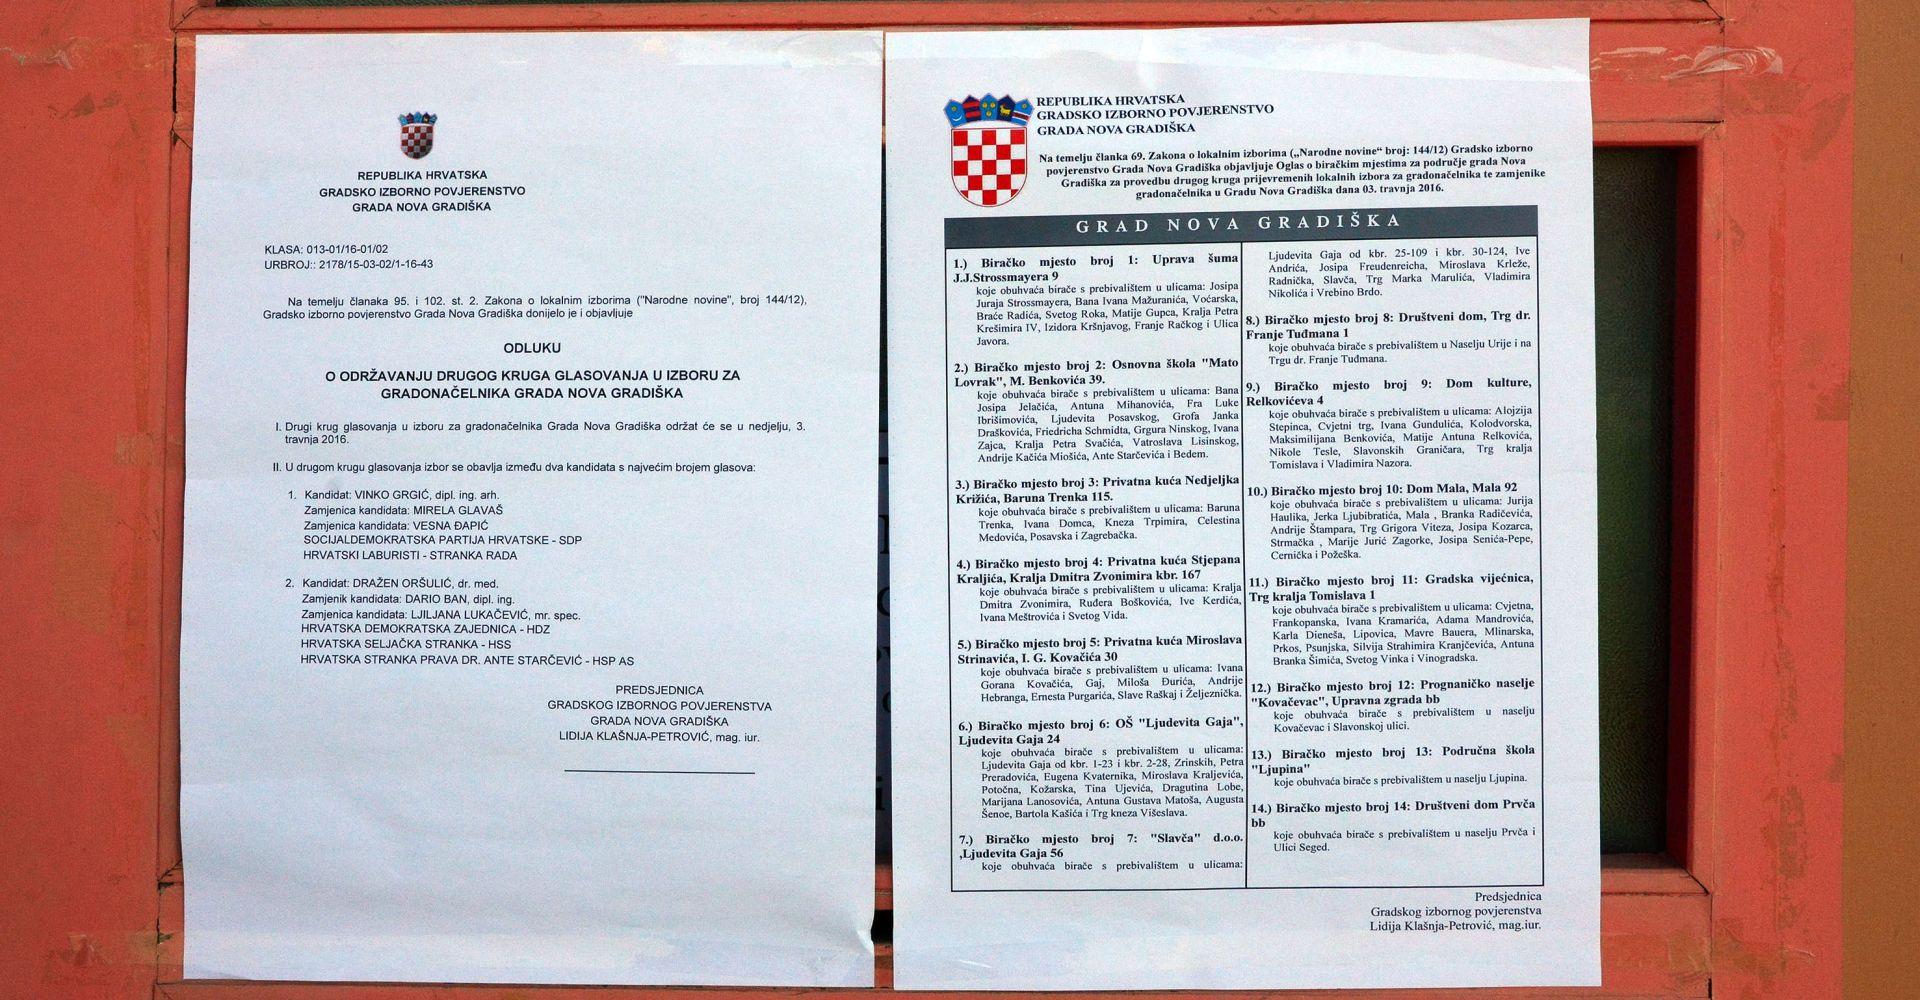 Raskol u HDZ-u pomogao pobjedi SDP-a